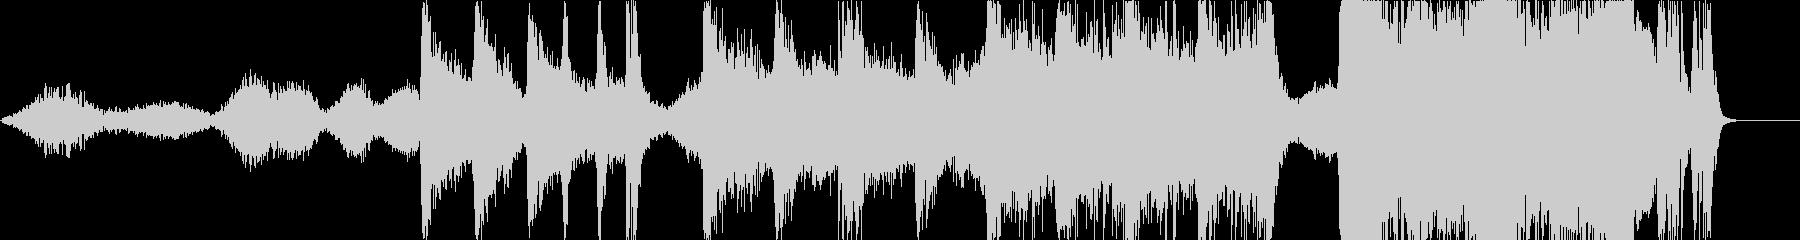 新世紀実験 アンビエントミュージッ...の未再生の波形